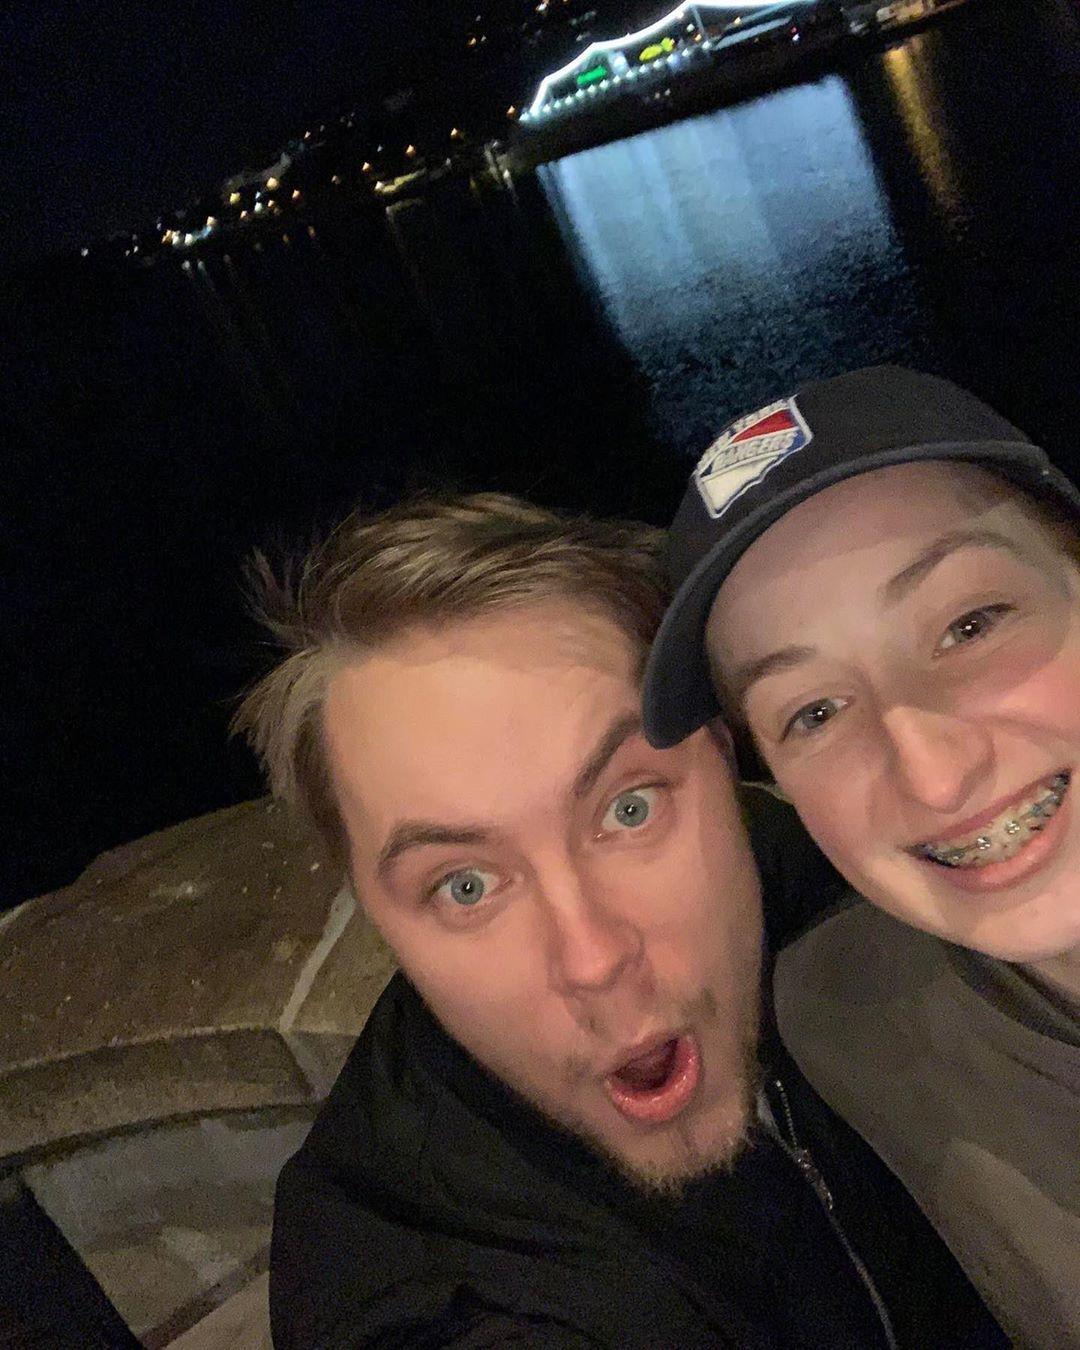 Vzešel ze SuperStar nový páreček? Michal Šafrata a Barbora Piešová se tváří jako přátelé.